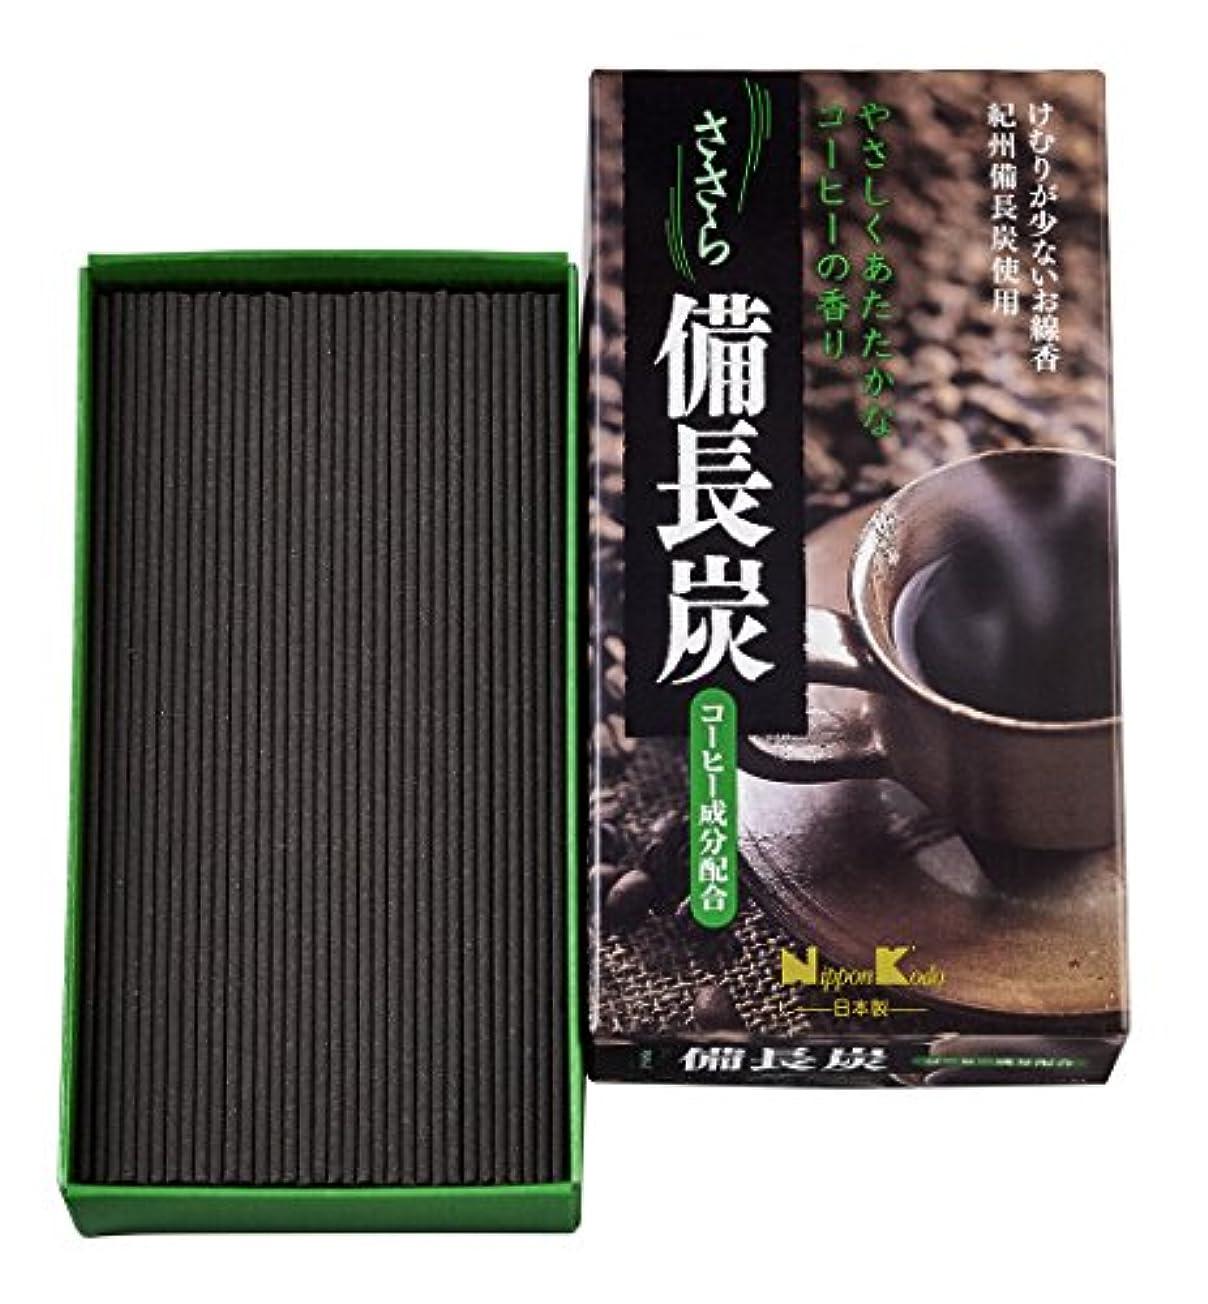 荒らす接触希少性ささら 備長炭 コーヒー バラ詰